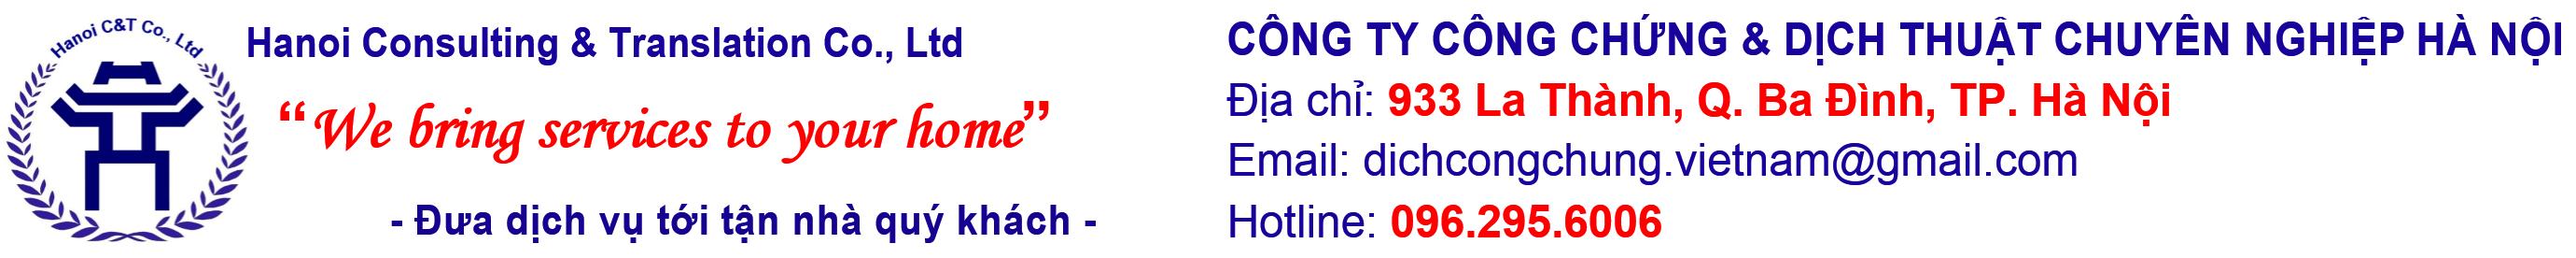 Công ty Dịch vụ Công chứng & Dịch thuật Chuyên nghiệp Hà Nội